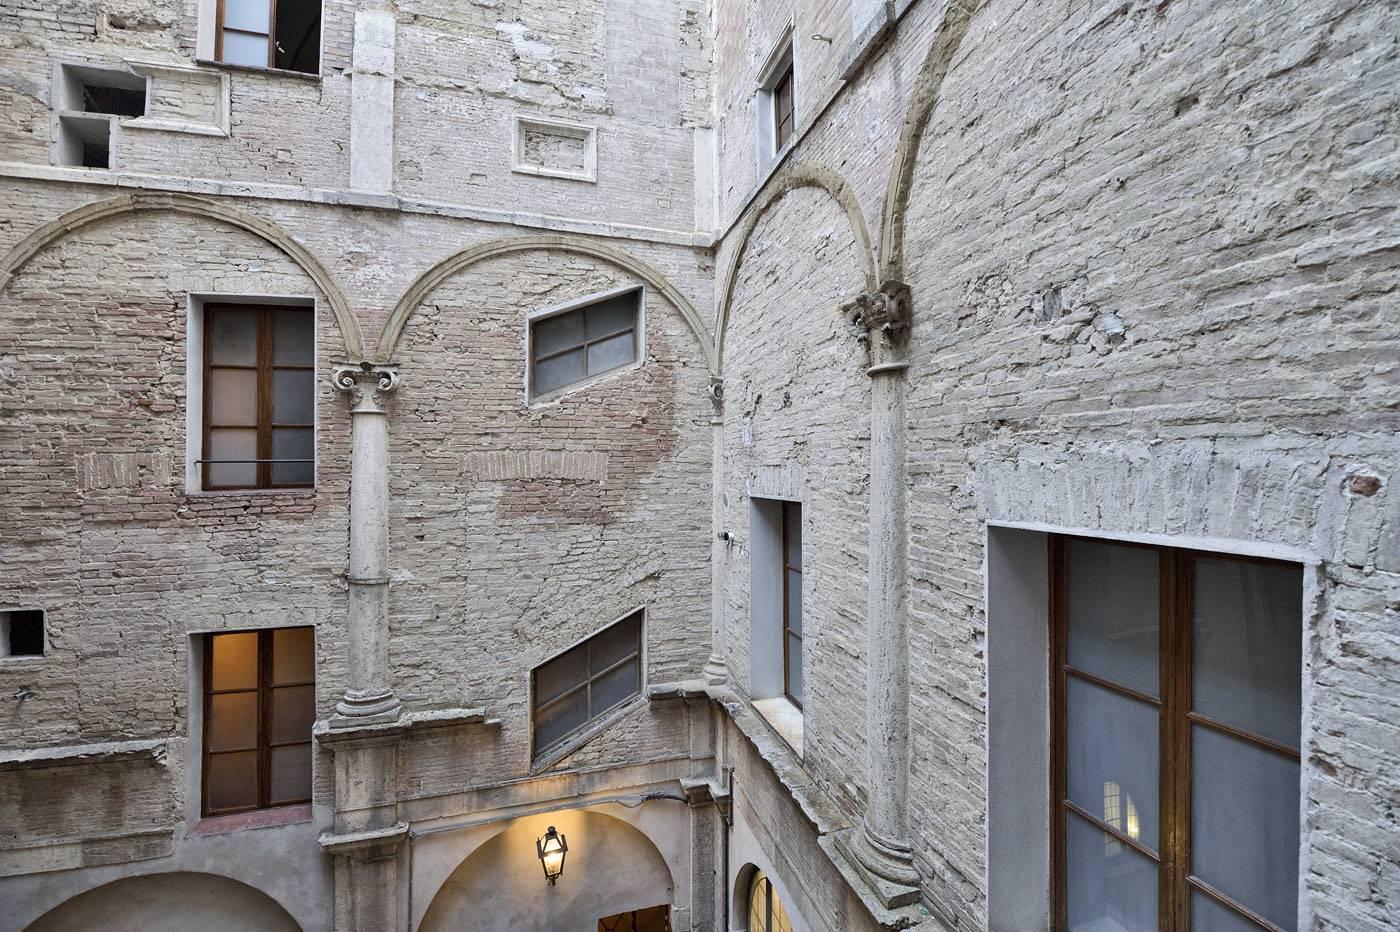 Appartamento in Vendita a Siena: 3 locali, 100 mq - Foto 7